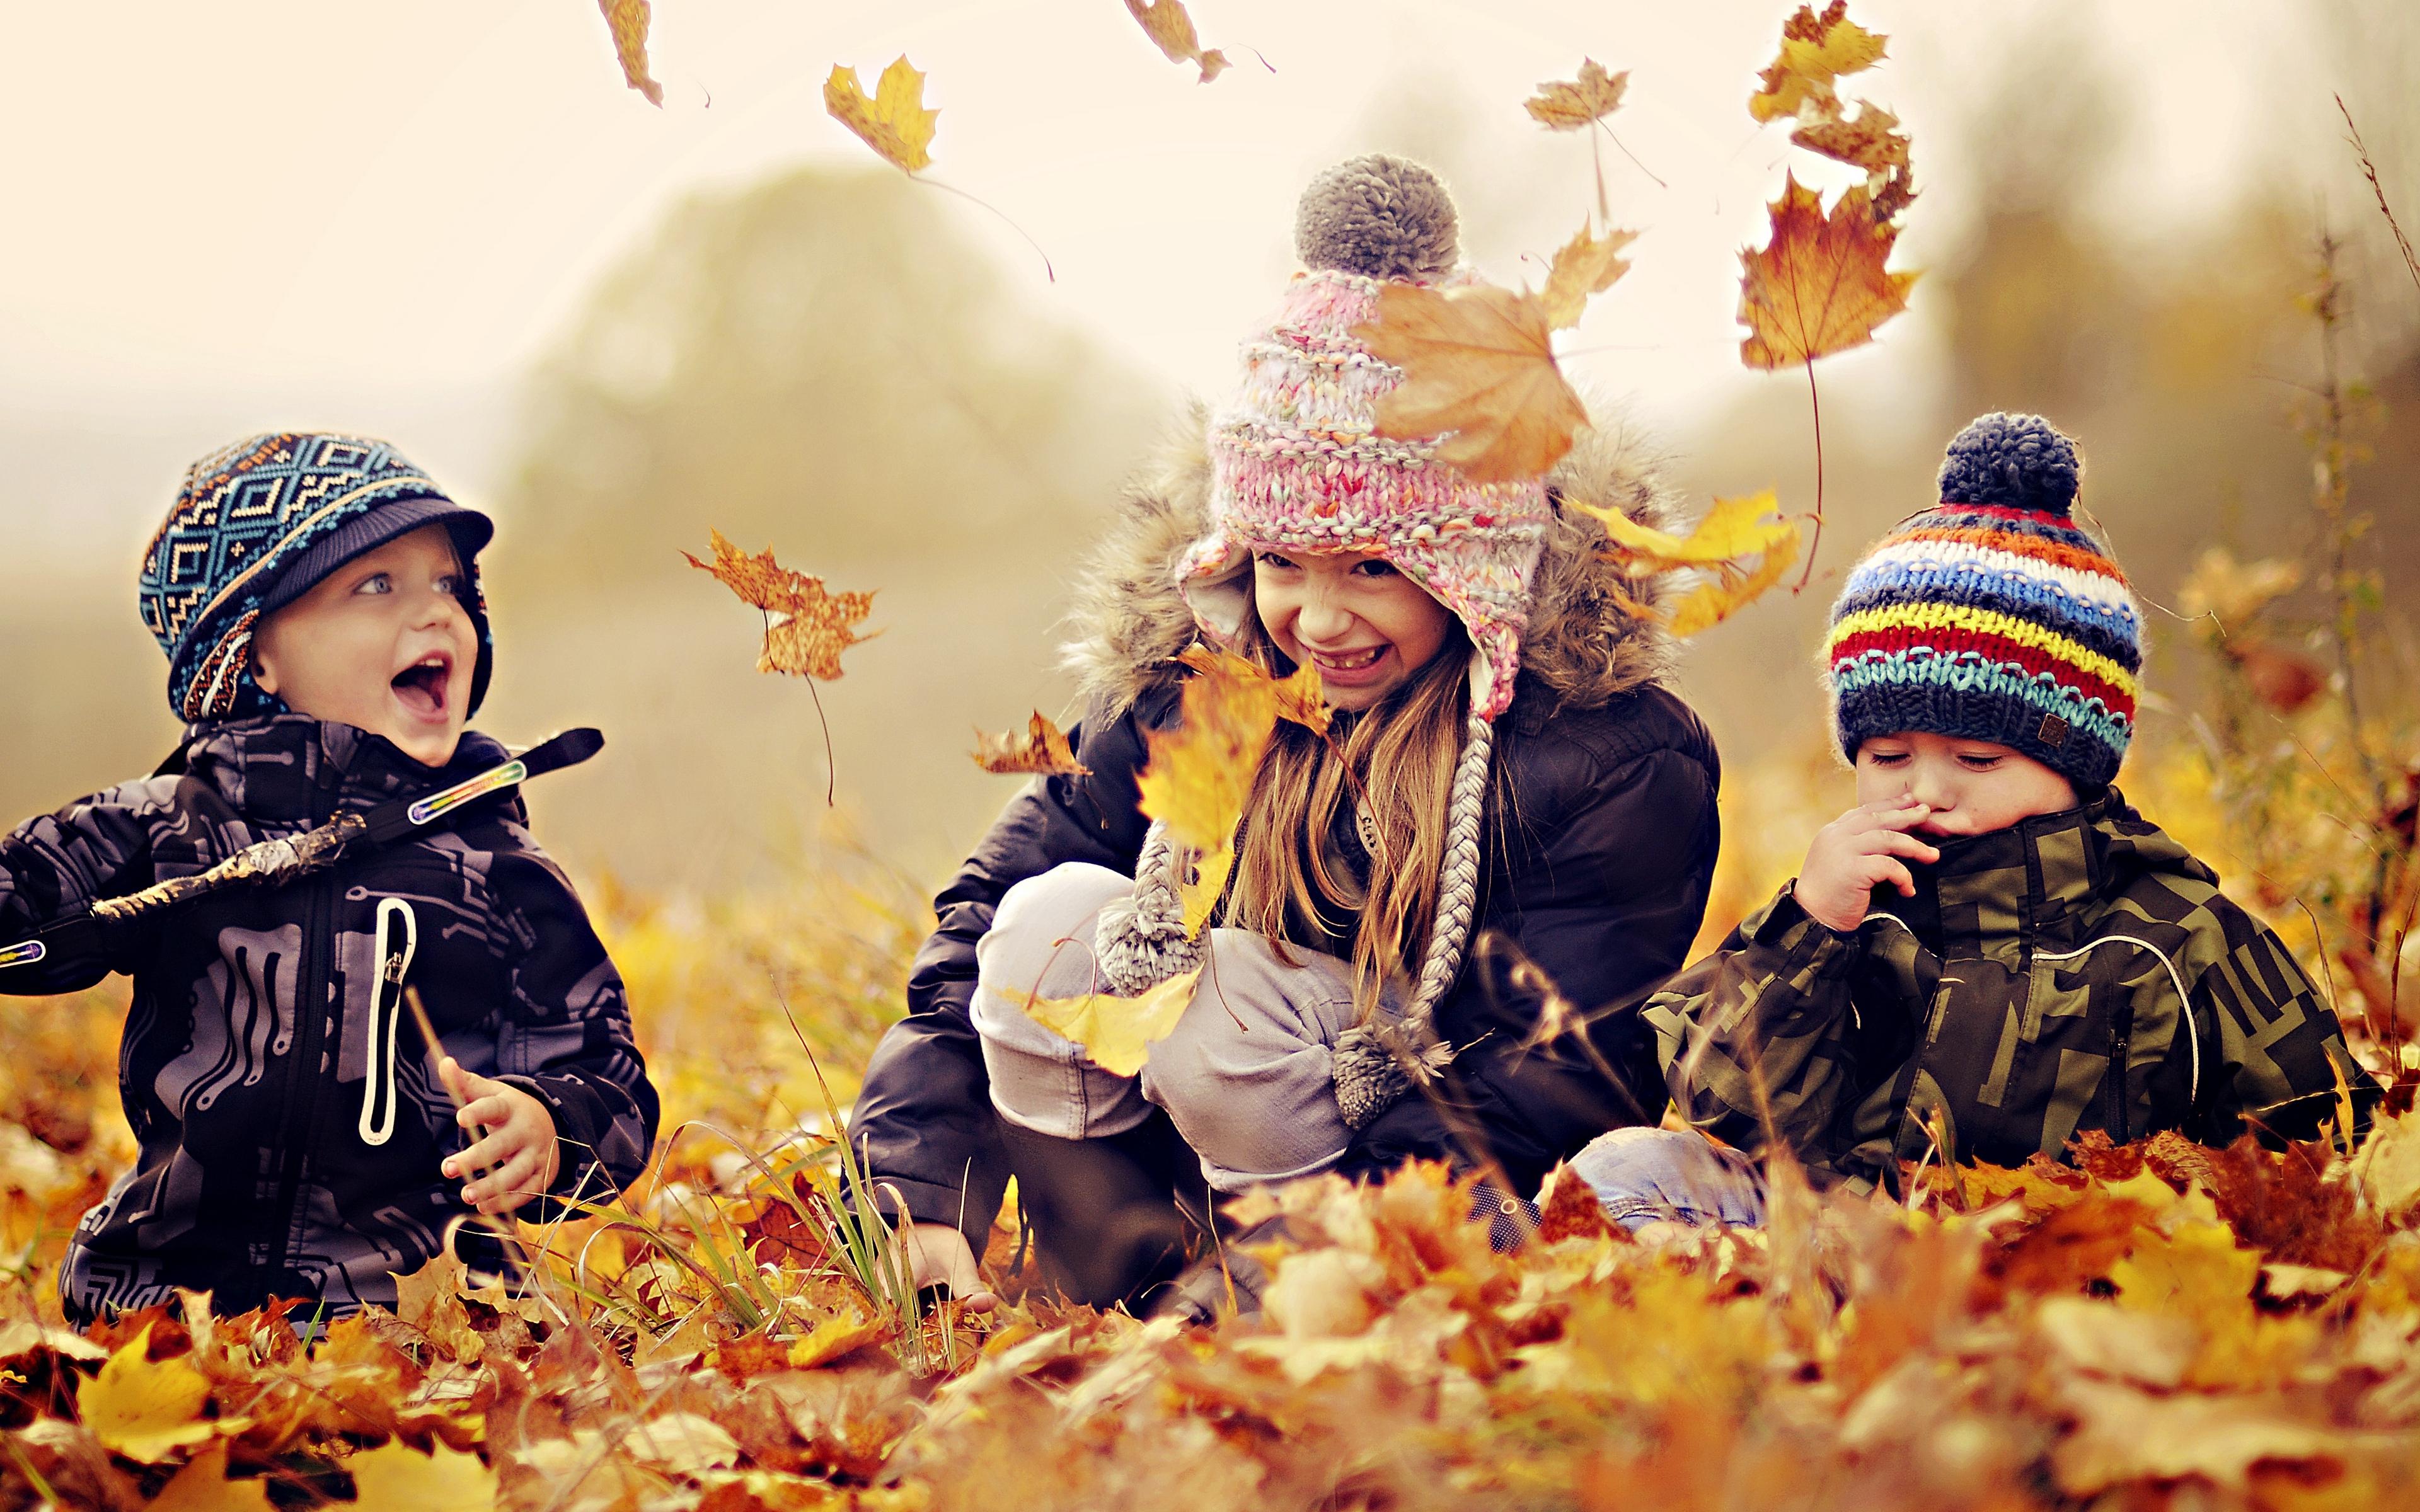 отдельными элементами картинки на рабочий стол осень с детьми своей повести сближает